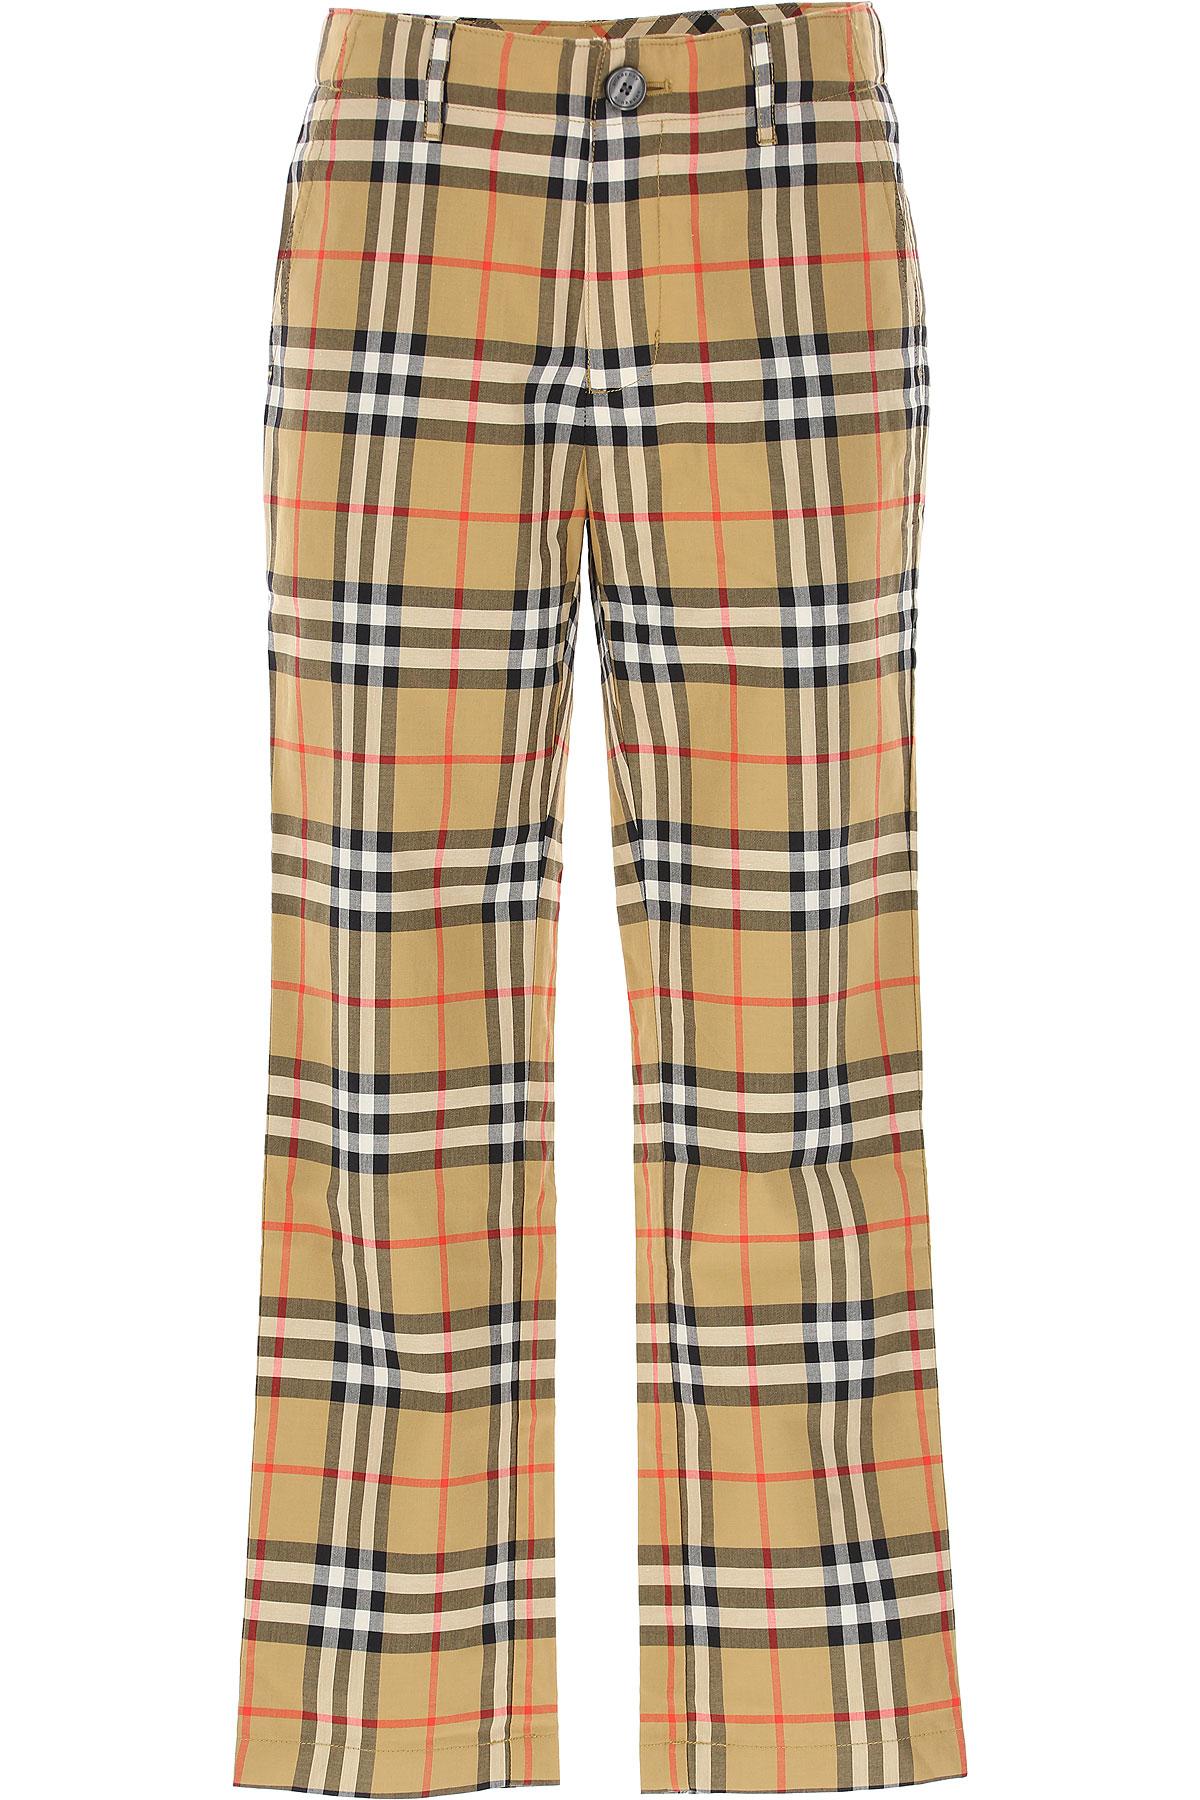 Image of Burberry Kids Pants for Boys, Brown, Cotton, 2017, 10Y 14Y 4Y 6Y 8Y